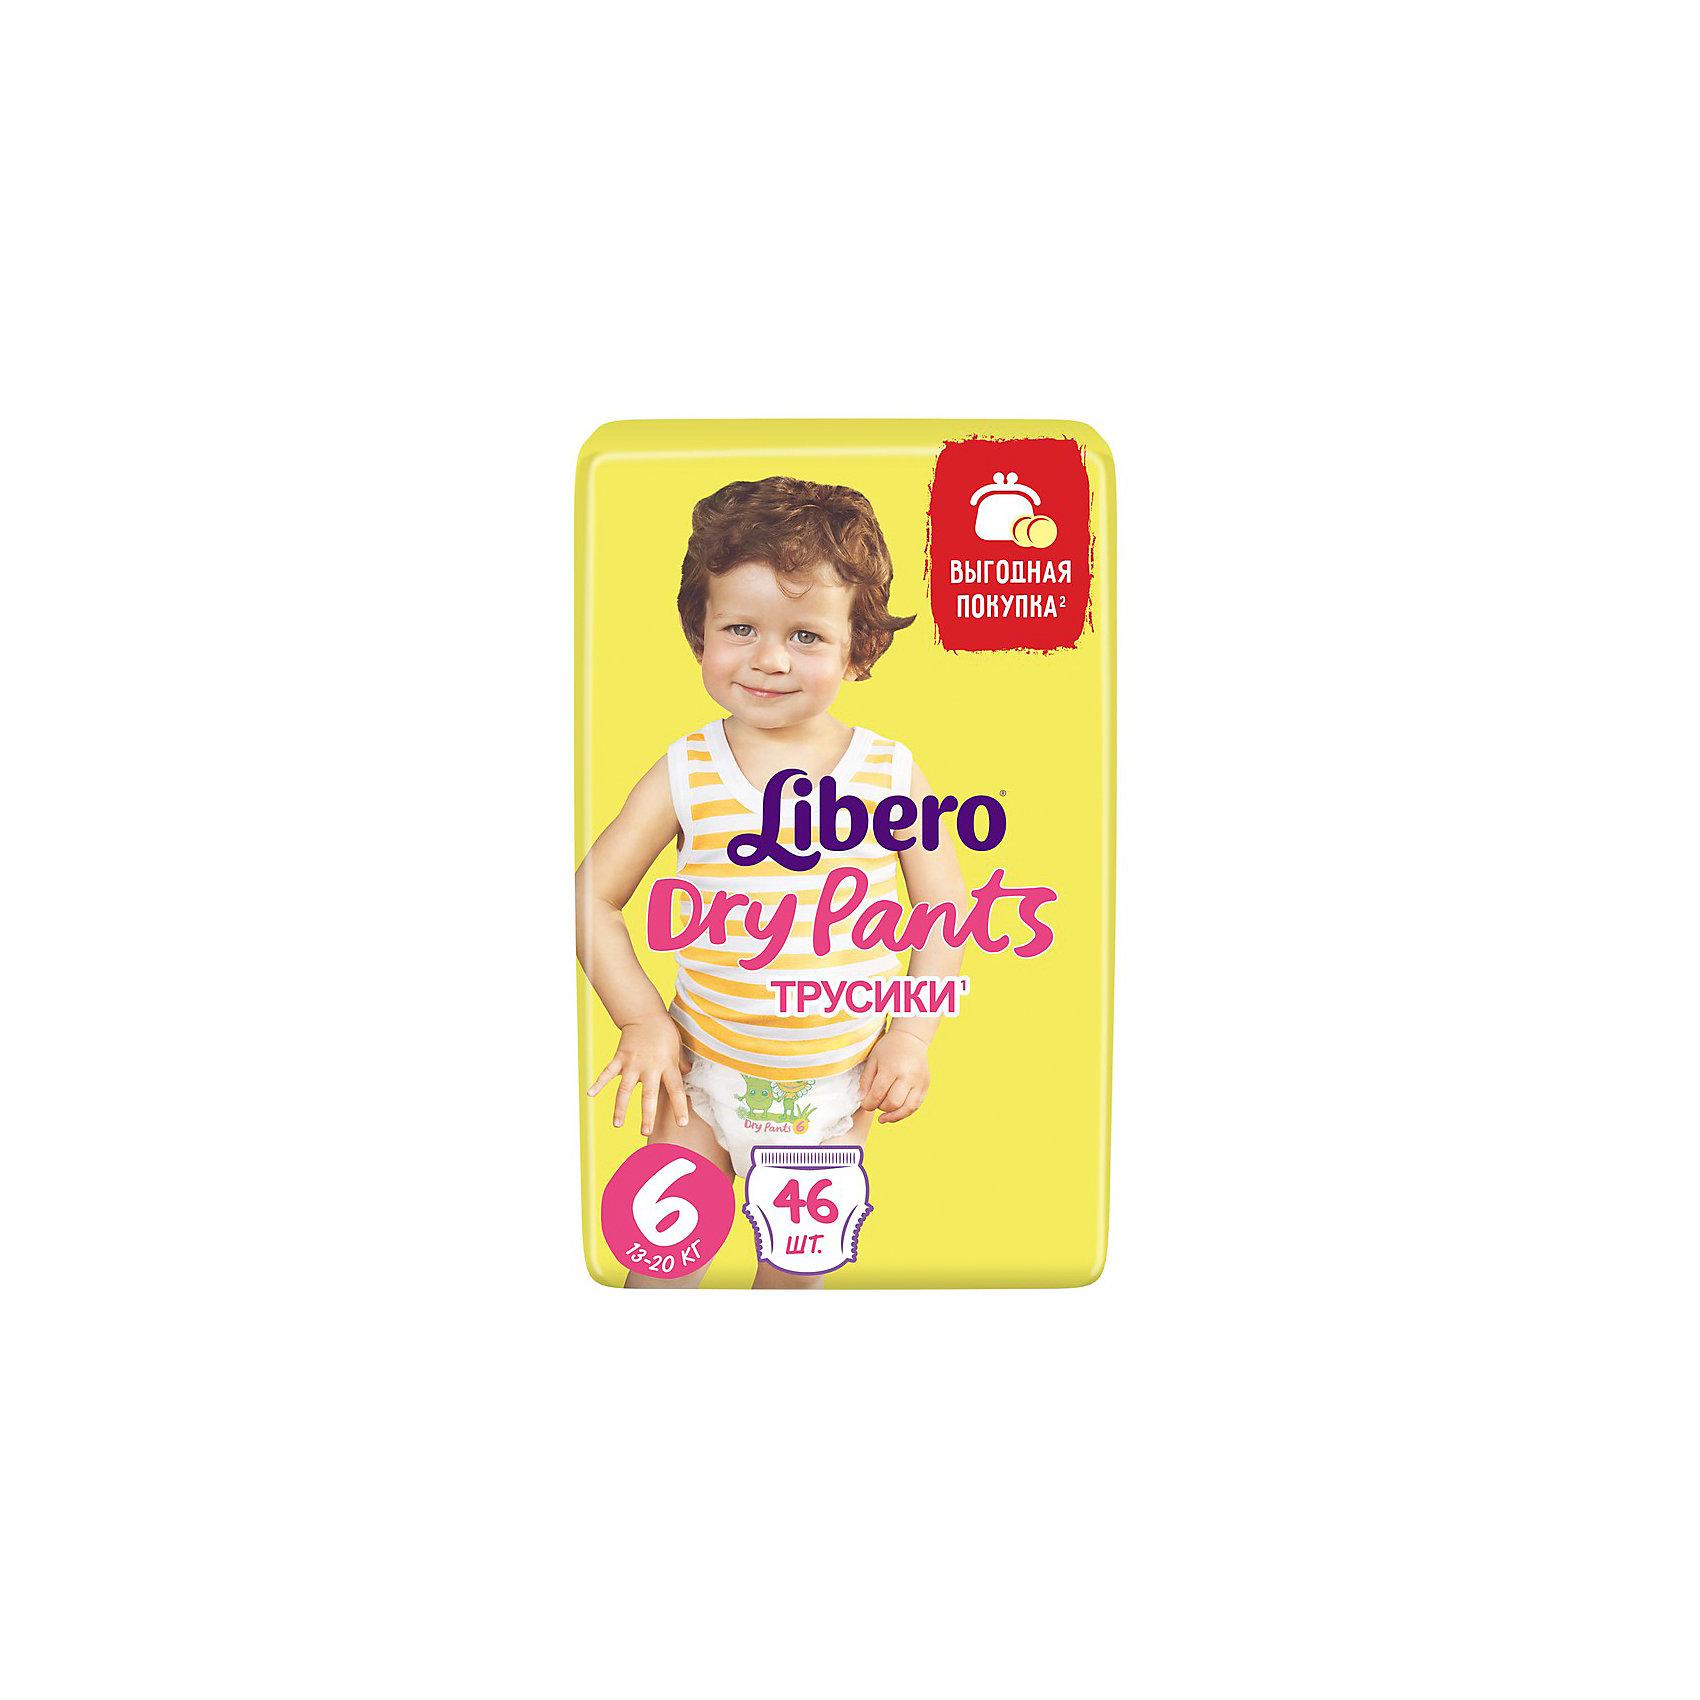 Трусики Libero Dry Pants, XL 13-20 кг, 46 шт., MegaТрусики-подгузники Libero Dry Pants (Либеро Драй Пентс) Size 6 (13-20кг), 46 шт.<br><br>Характеристики: <br><br>• легко надевать<br>• мягкие и тонкие трусики<br>• отлично впитывают и удерживают влагу<br>• содержат экстракт ромашки<br>• тянущийся поясок из дышащих материалов<br>• барьеры вокруг ножек защищают от протекания<br>• не сковывают движений<br>• легко снимать и сворачивать<br>• размер: 6 (13-20 кг)<br>• количество в упаковке: 46 шт.<br><br>Если ваш малыш не любит спокойно ждать пока вы его переоденете, то трусики-подгузники Libero Dry Pants станут для вас прекрасным решением. Они легко надеваются, как обычное белье и также легко снимаются при разрывании боковых швов. Трусики очень мягкие и тонкие, при этом они отлично впитывают и удерживают влагу, не стесняя движений крохи. Экстракт ромашки и алоэ успокоит нежную кожу малыша. Высокие барьеры и эластичный поясок препятствуют протеканию.  После использования вы легко сможете свернуть трусики и заклеить из специальной клейкой лентой. Яркая упаковка и привлекательный дизайн превратят процесс переодевания в веселую игру!<br><br>Трусики-подгузники Libero Dry Pants Size 6 (13-20кг), 46 шт. вы можете купить в нашем интернет-магазине.<br><br>Ширина мм: 147<br>Глубина мм: 240<br>Высота мм: 400<br>Вес г: 1909<br>Возраст от месяцев: 12<br>Возраст до месяцев: 60<br>Пол: Унисекс<br>Возраст: Детский<br>SKU: 3517638